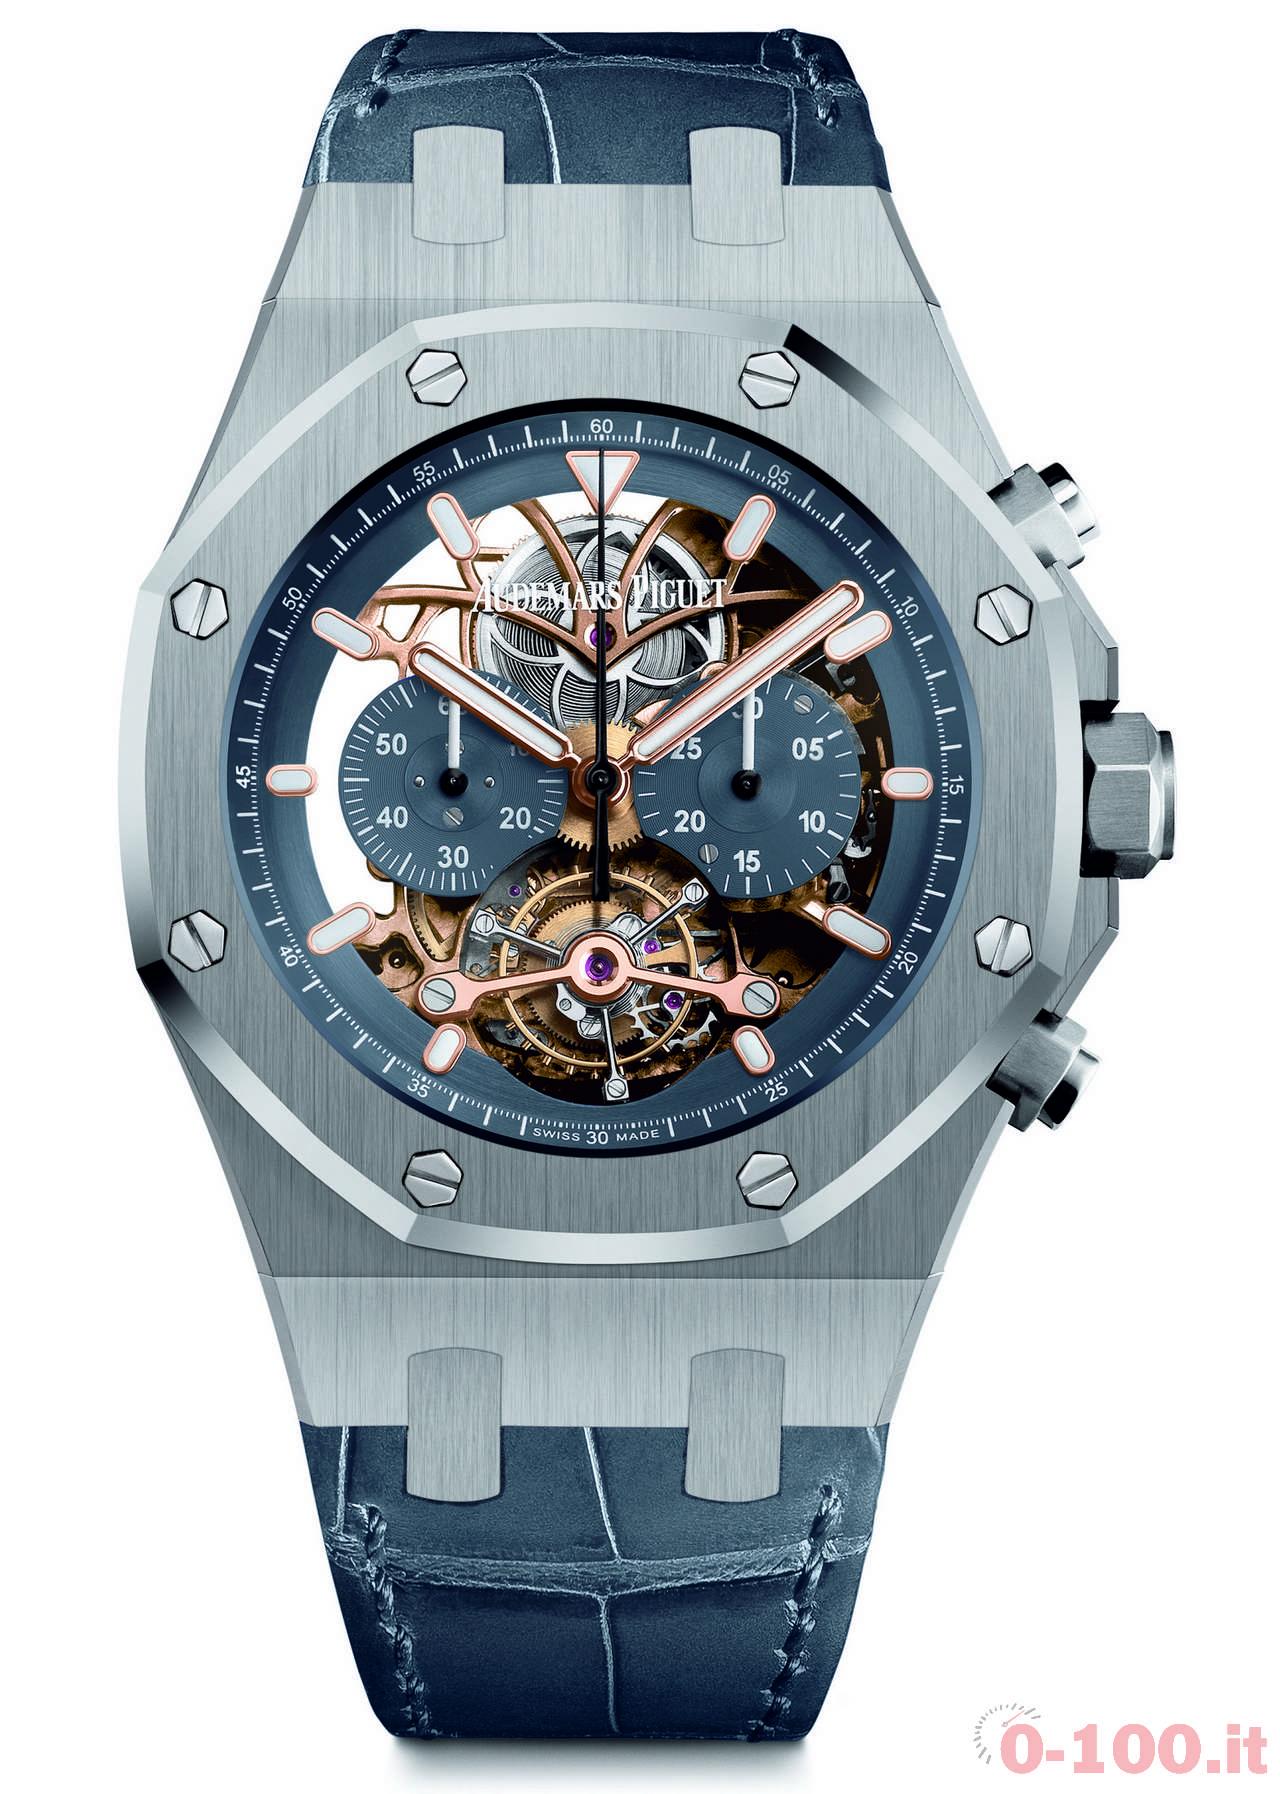 speciale-sihh-2016-audemars-piguet-royal-oak-tourbillon-cronografo-scheletrato-44mm-ref-26510pt-oo-1220pt-01_0-1001